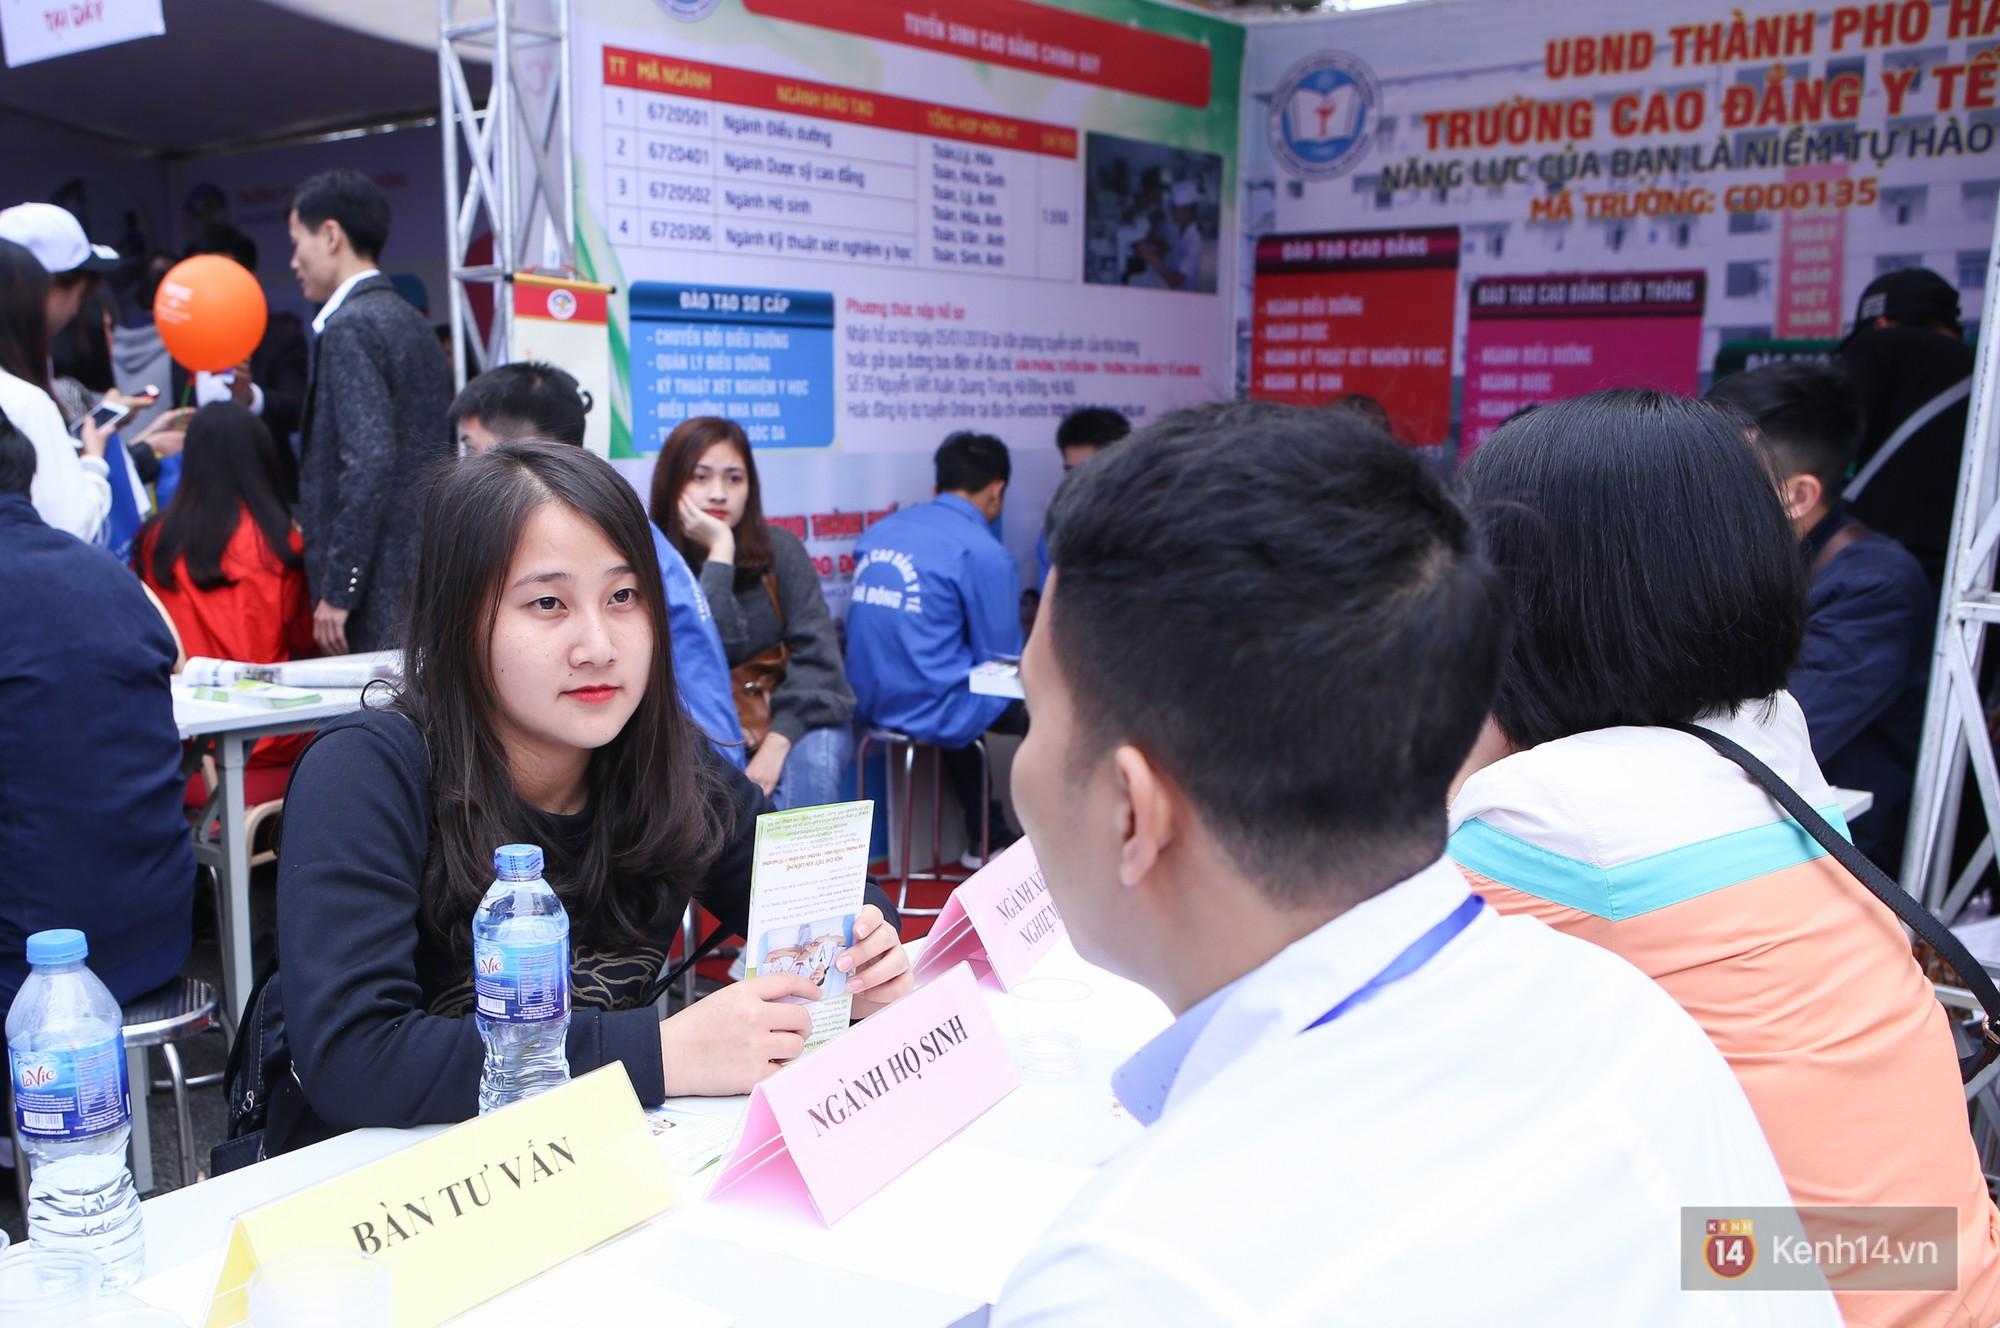 Hơn 10.000 học sinh được tư vấn, giải đáp thắc mắc các vấn đề hot nhất của kỳ thi THPT quốc gia 2018 - Ảnh 12.